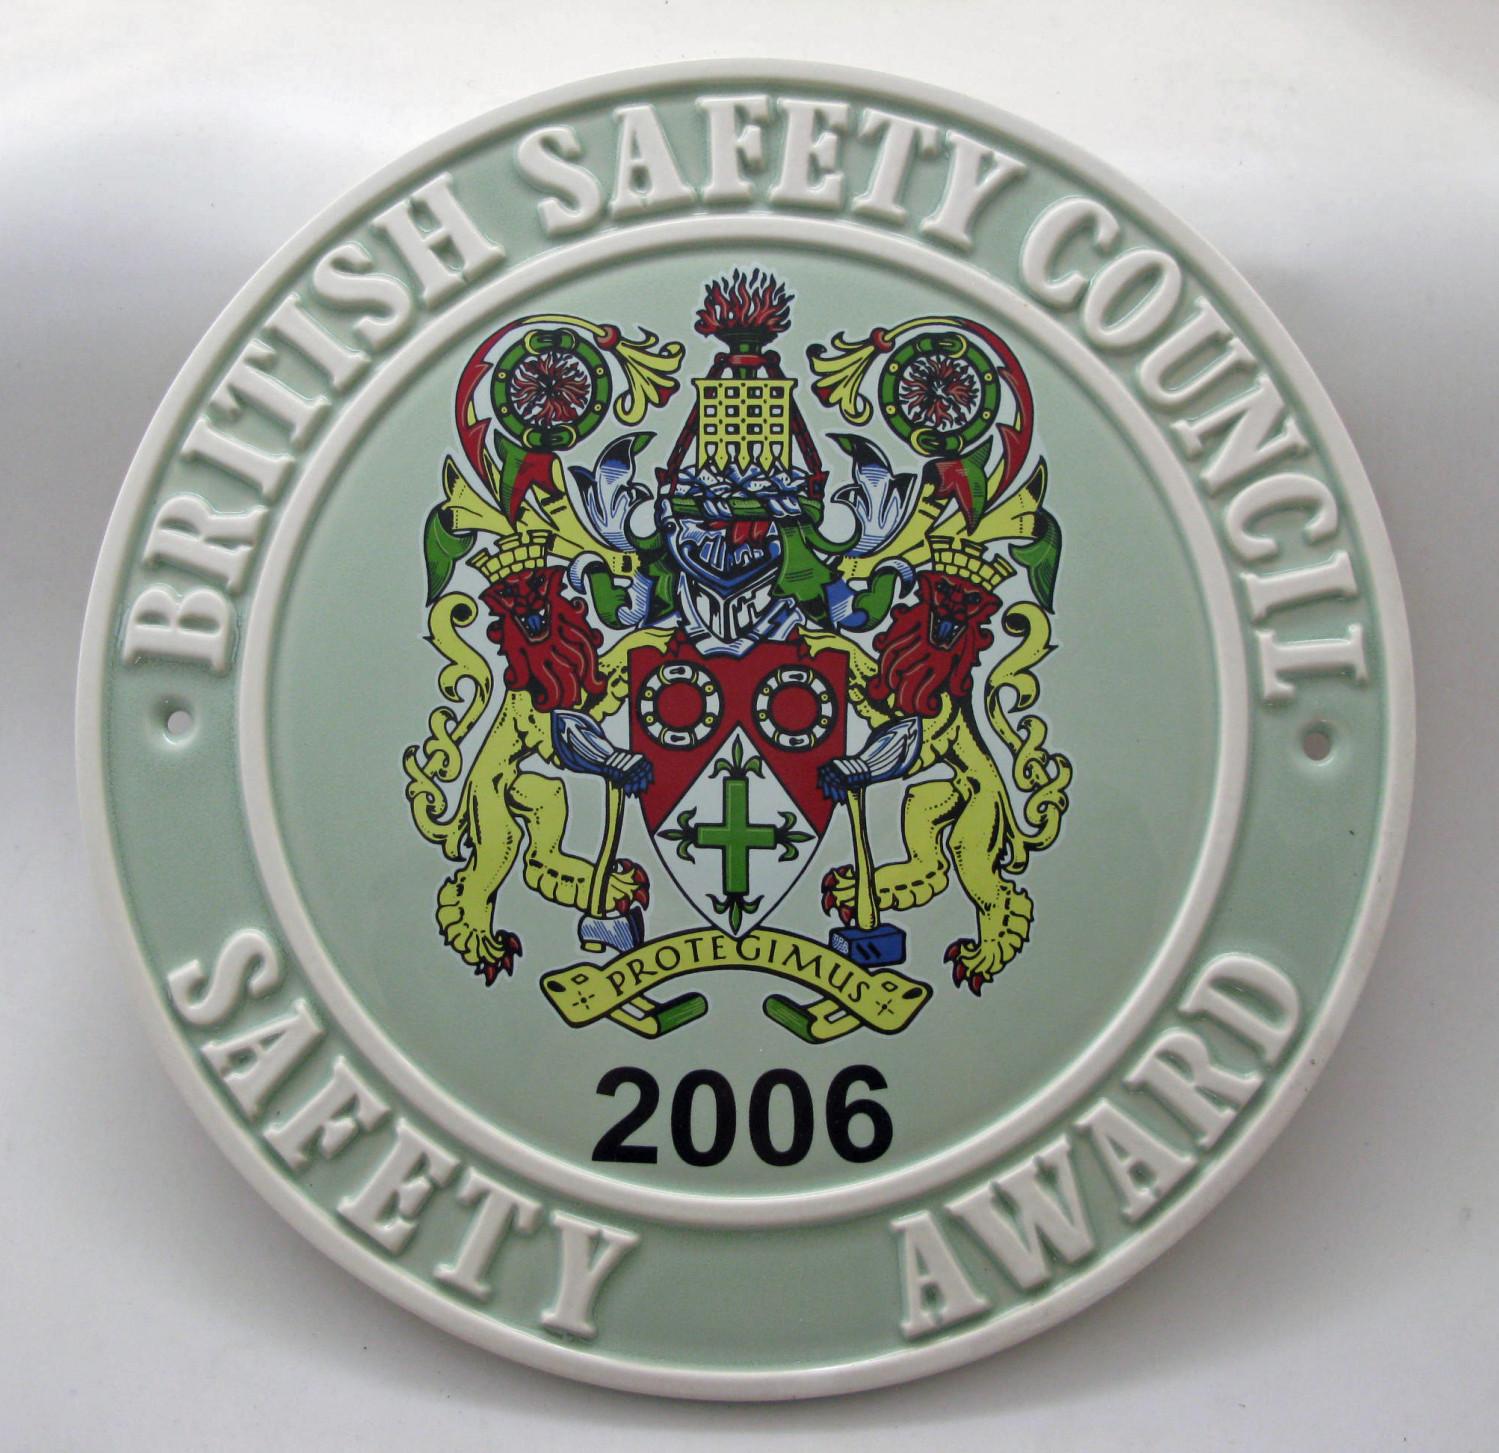 Safety Award  2006